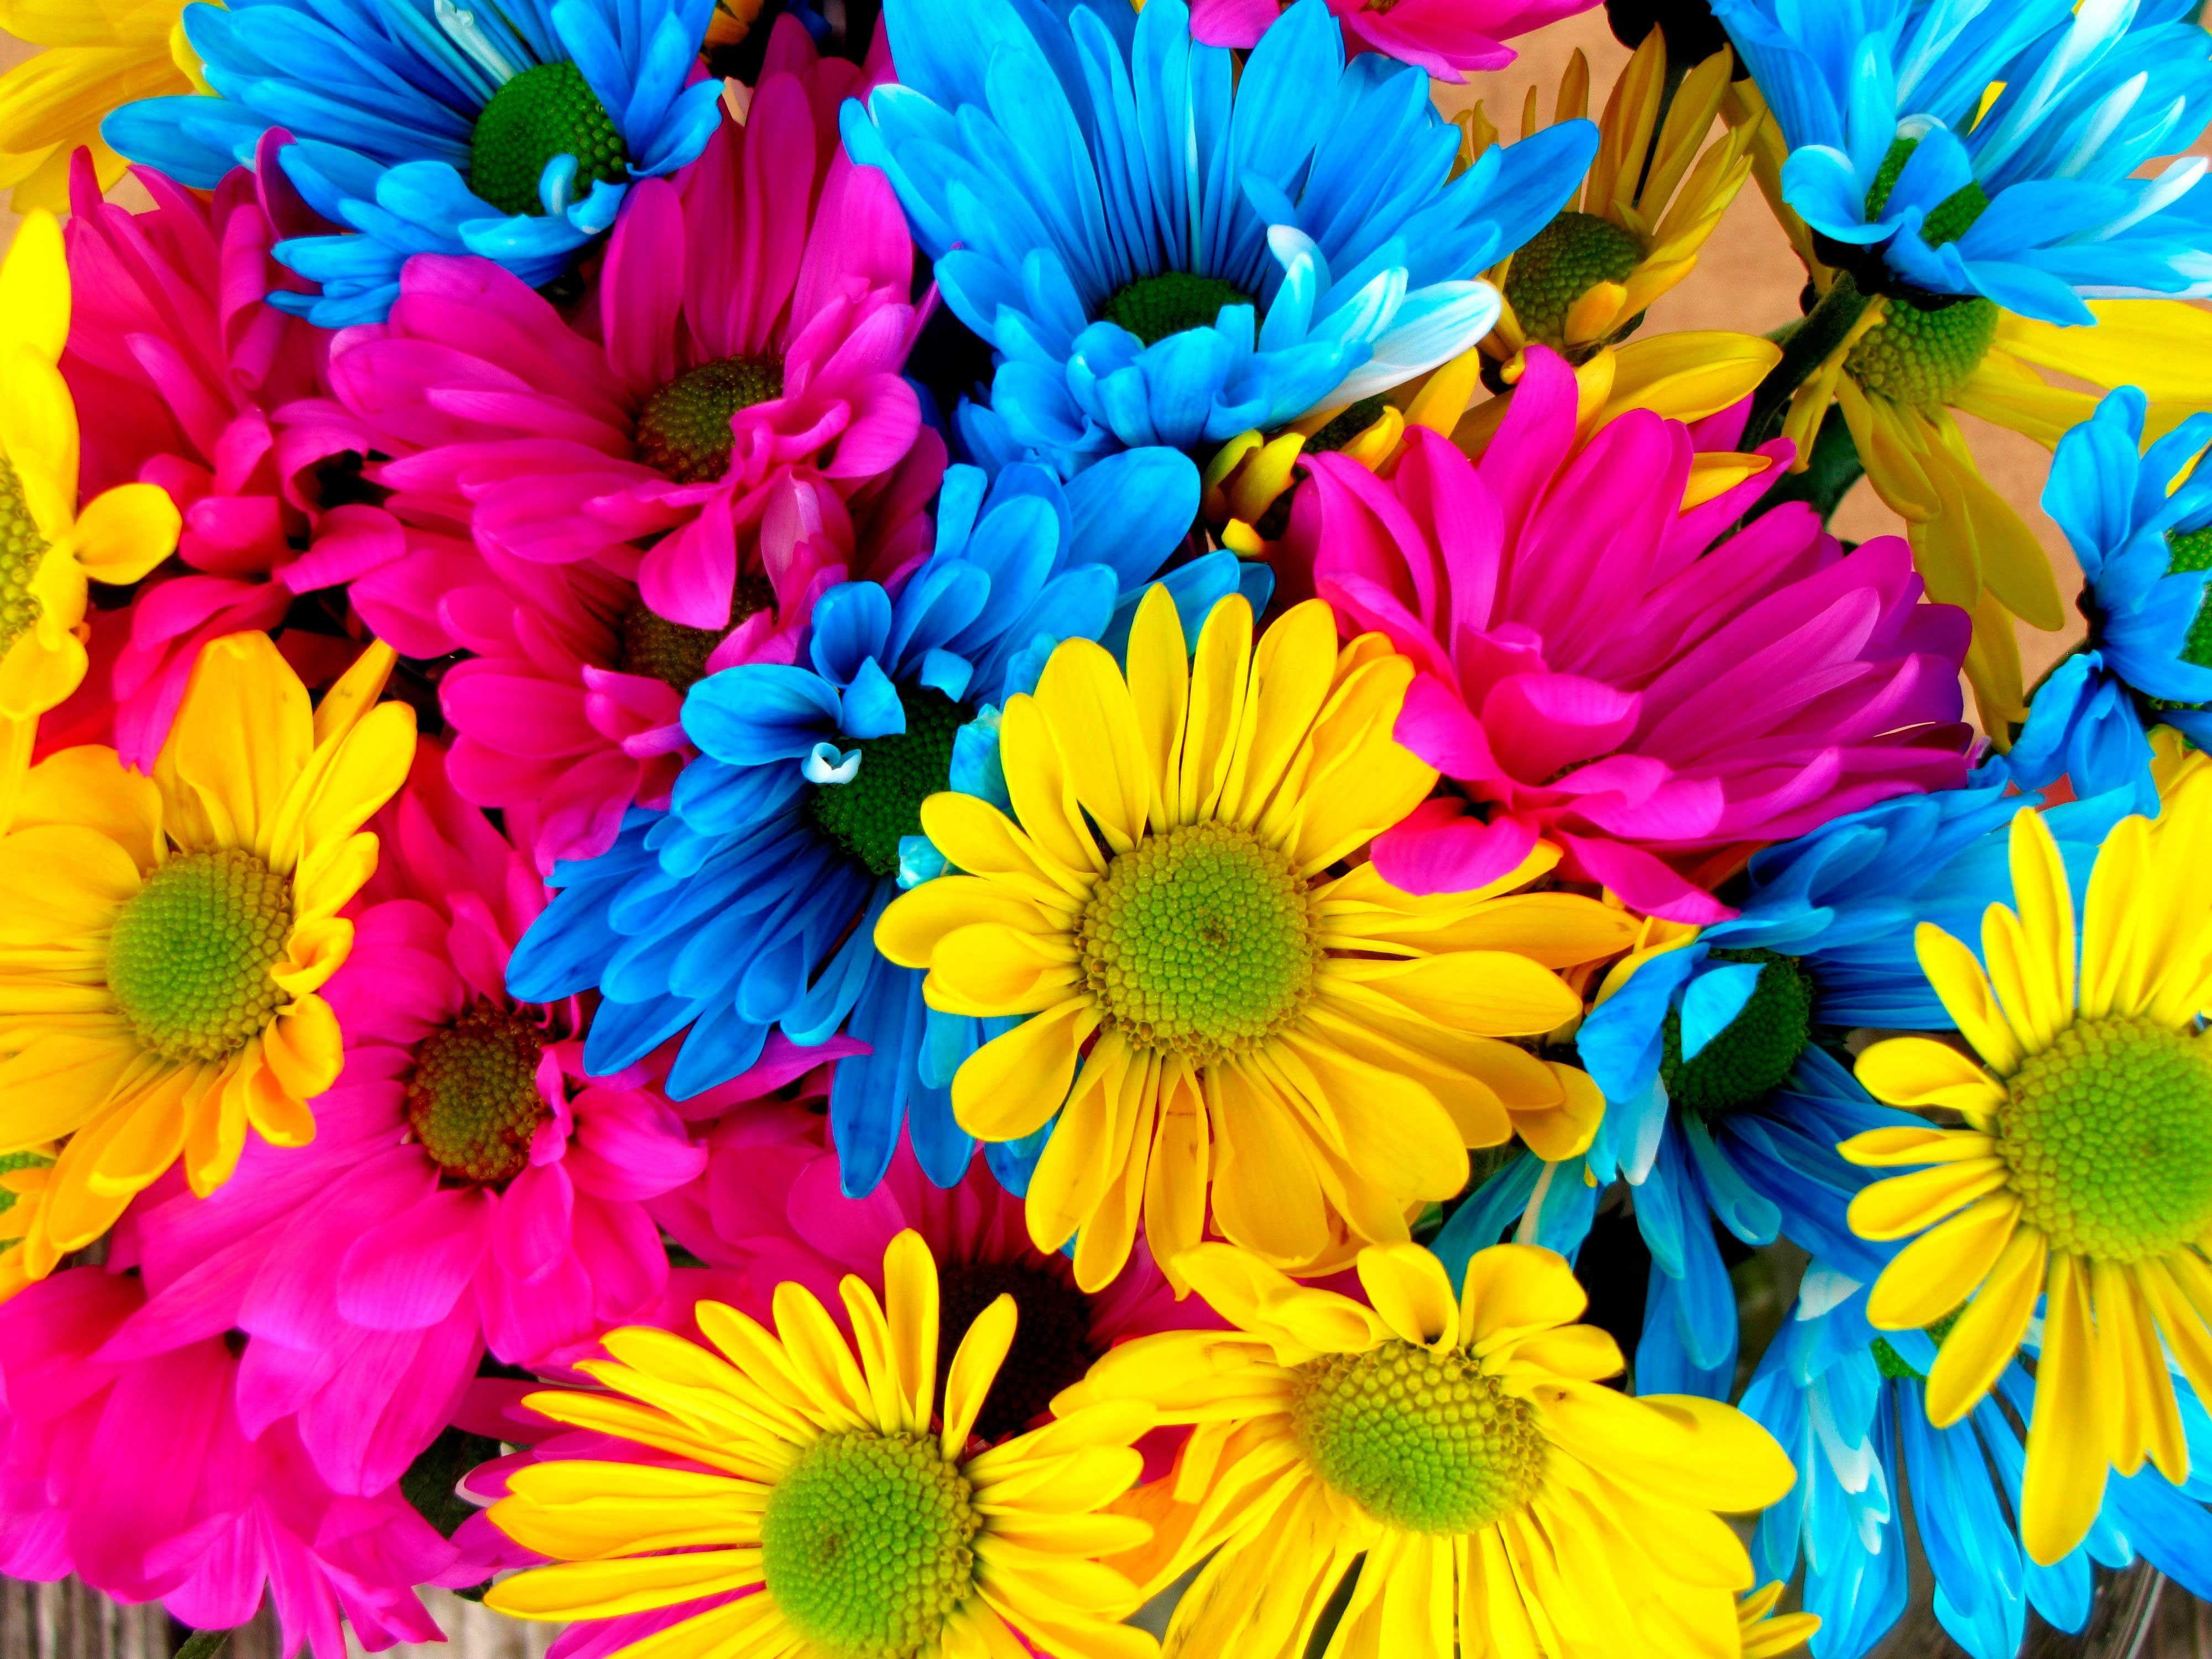 Imagenes De Fondo Flores Para Pantalla Hd 2: Imágenes De Flores De Colores